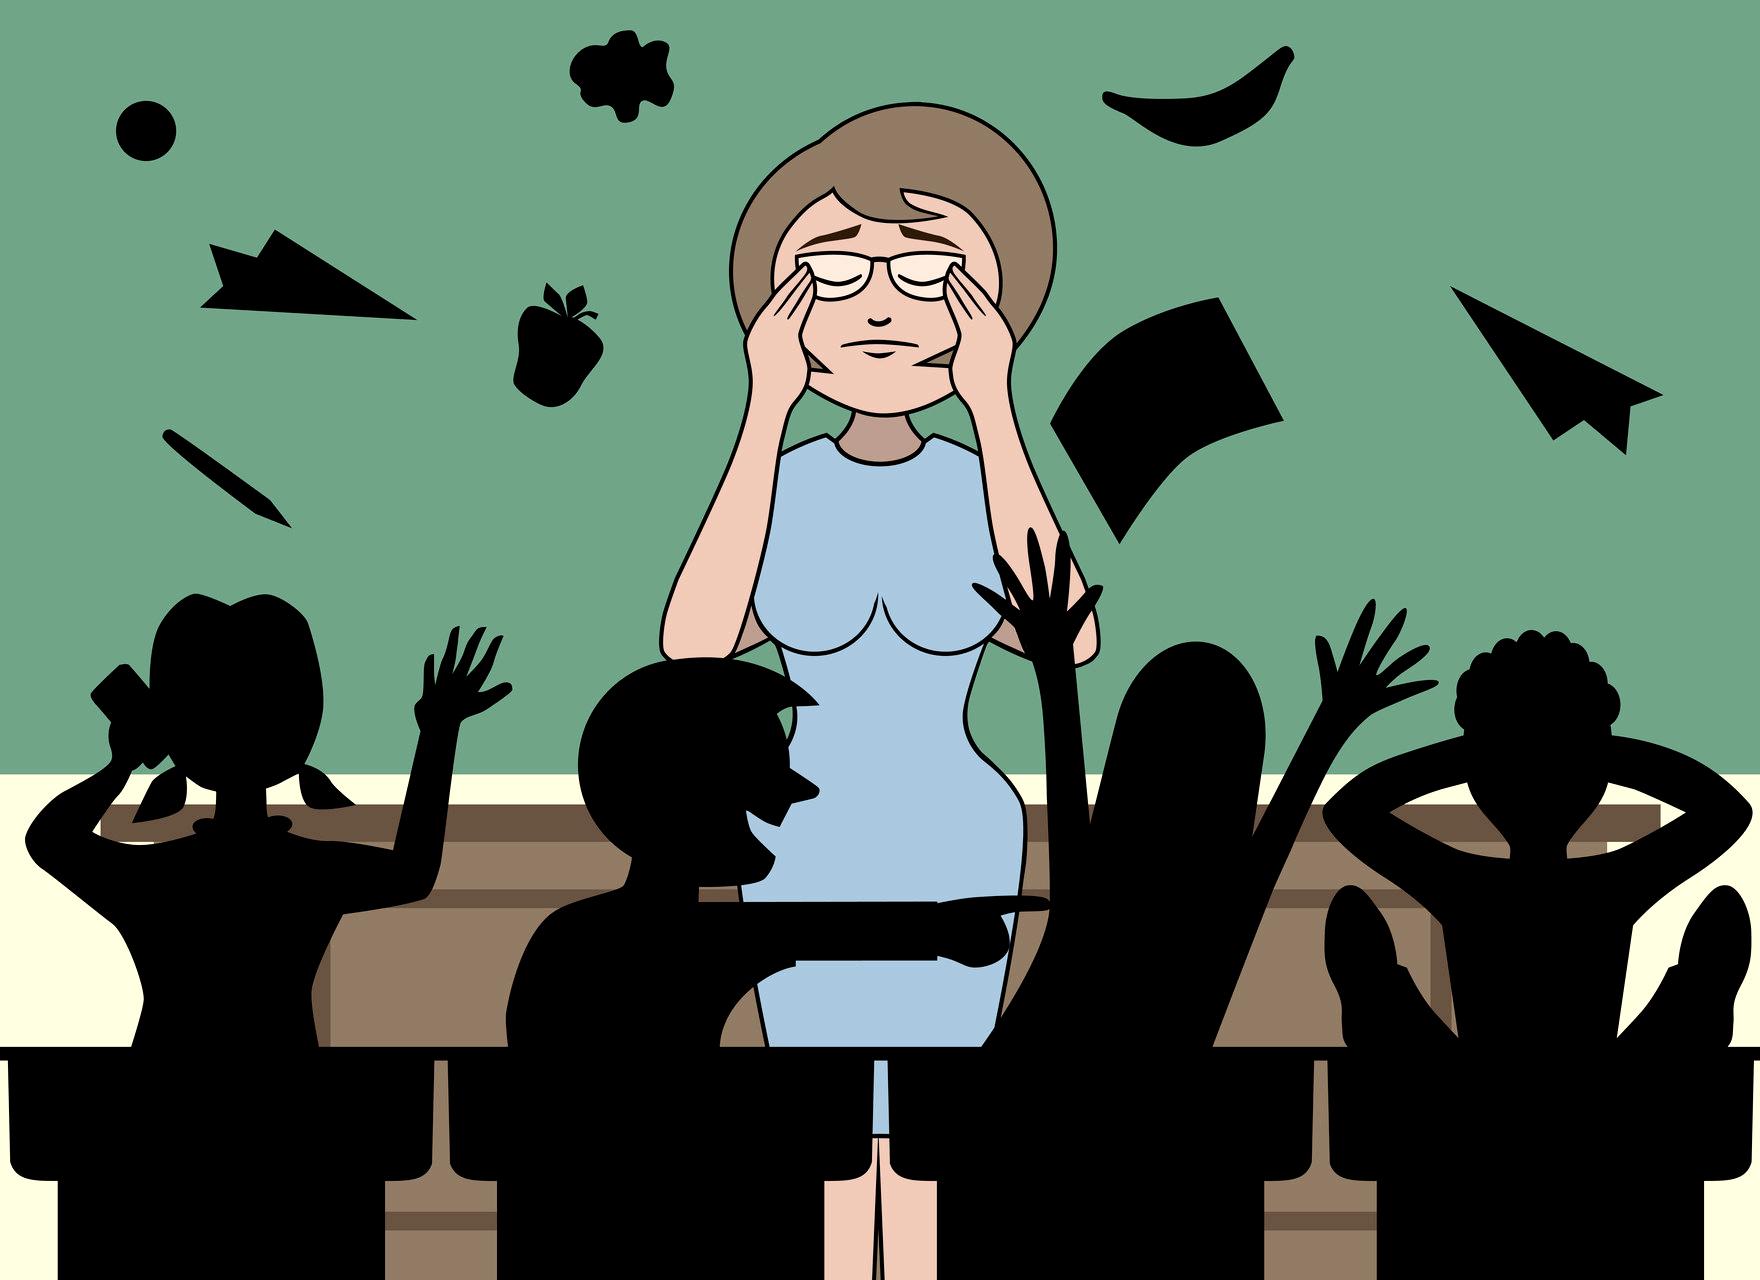 Syndrom vyhoření není nemoc, říká psychoterapeutka Kateřina Weigertová